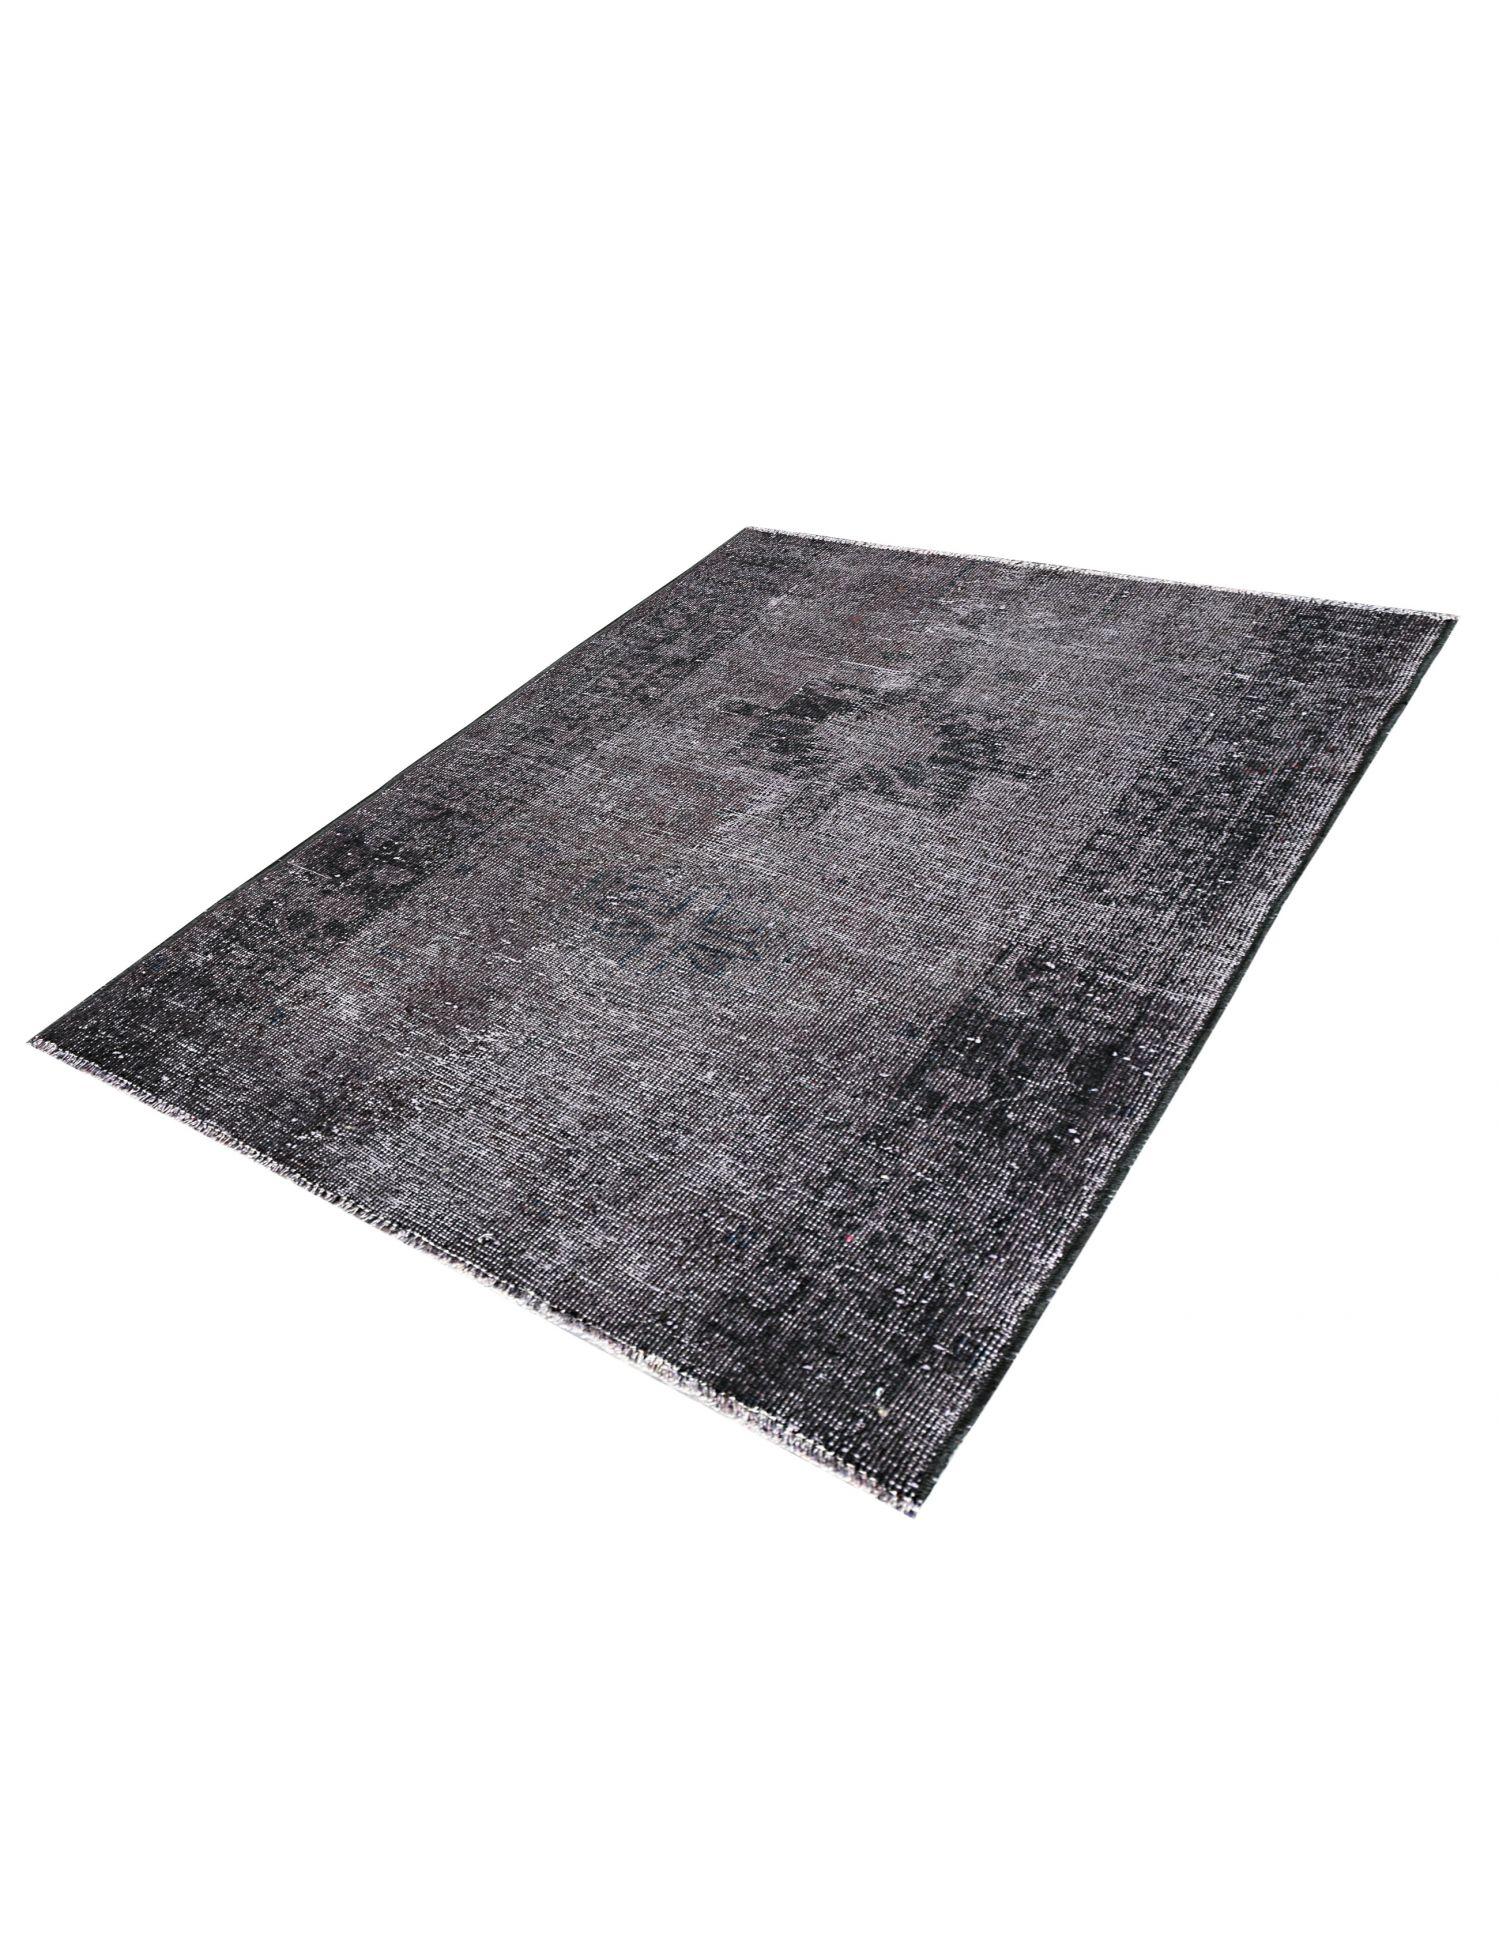 Vintage Teppich  schwarz <br/>147 x 110 cm